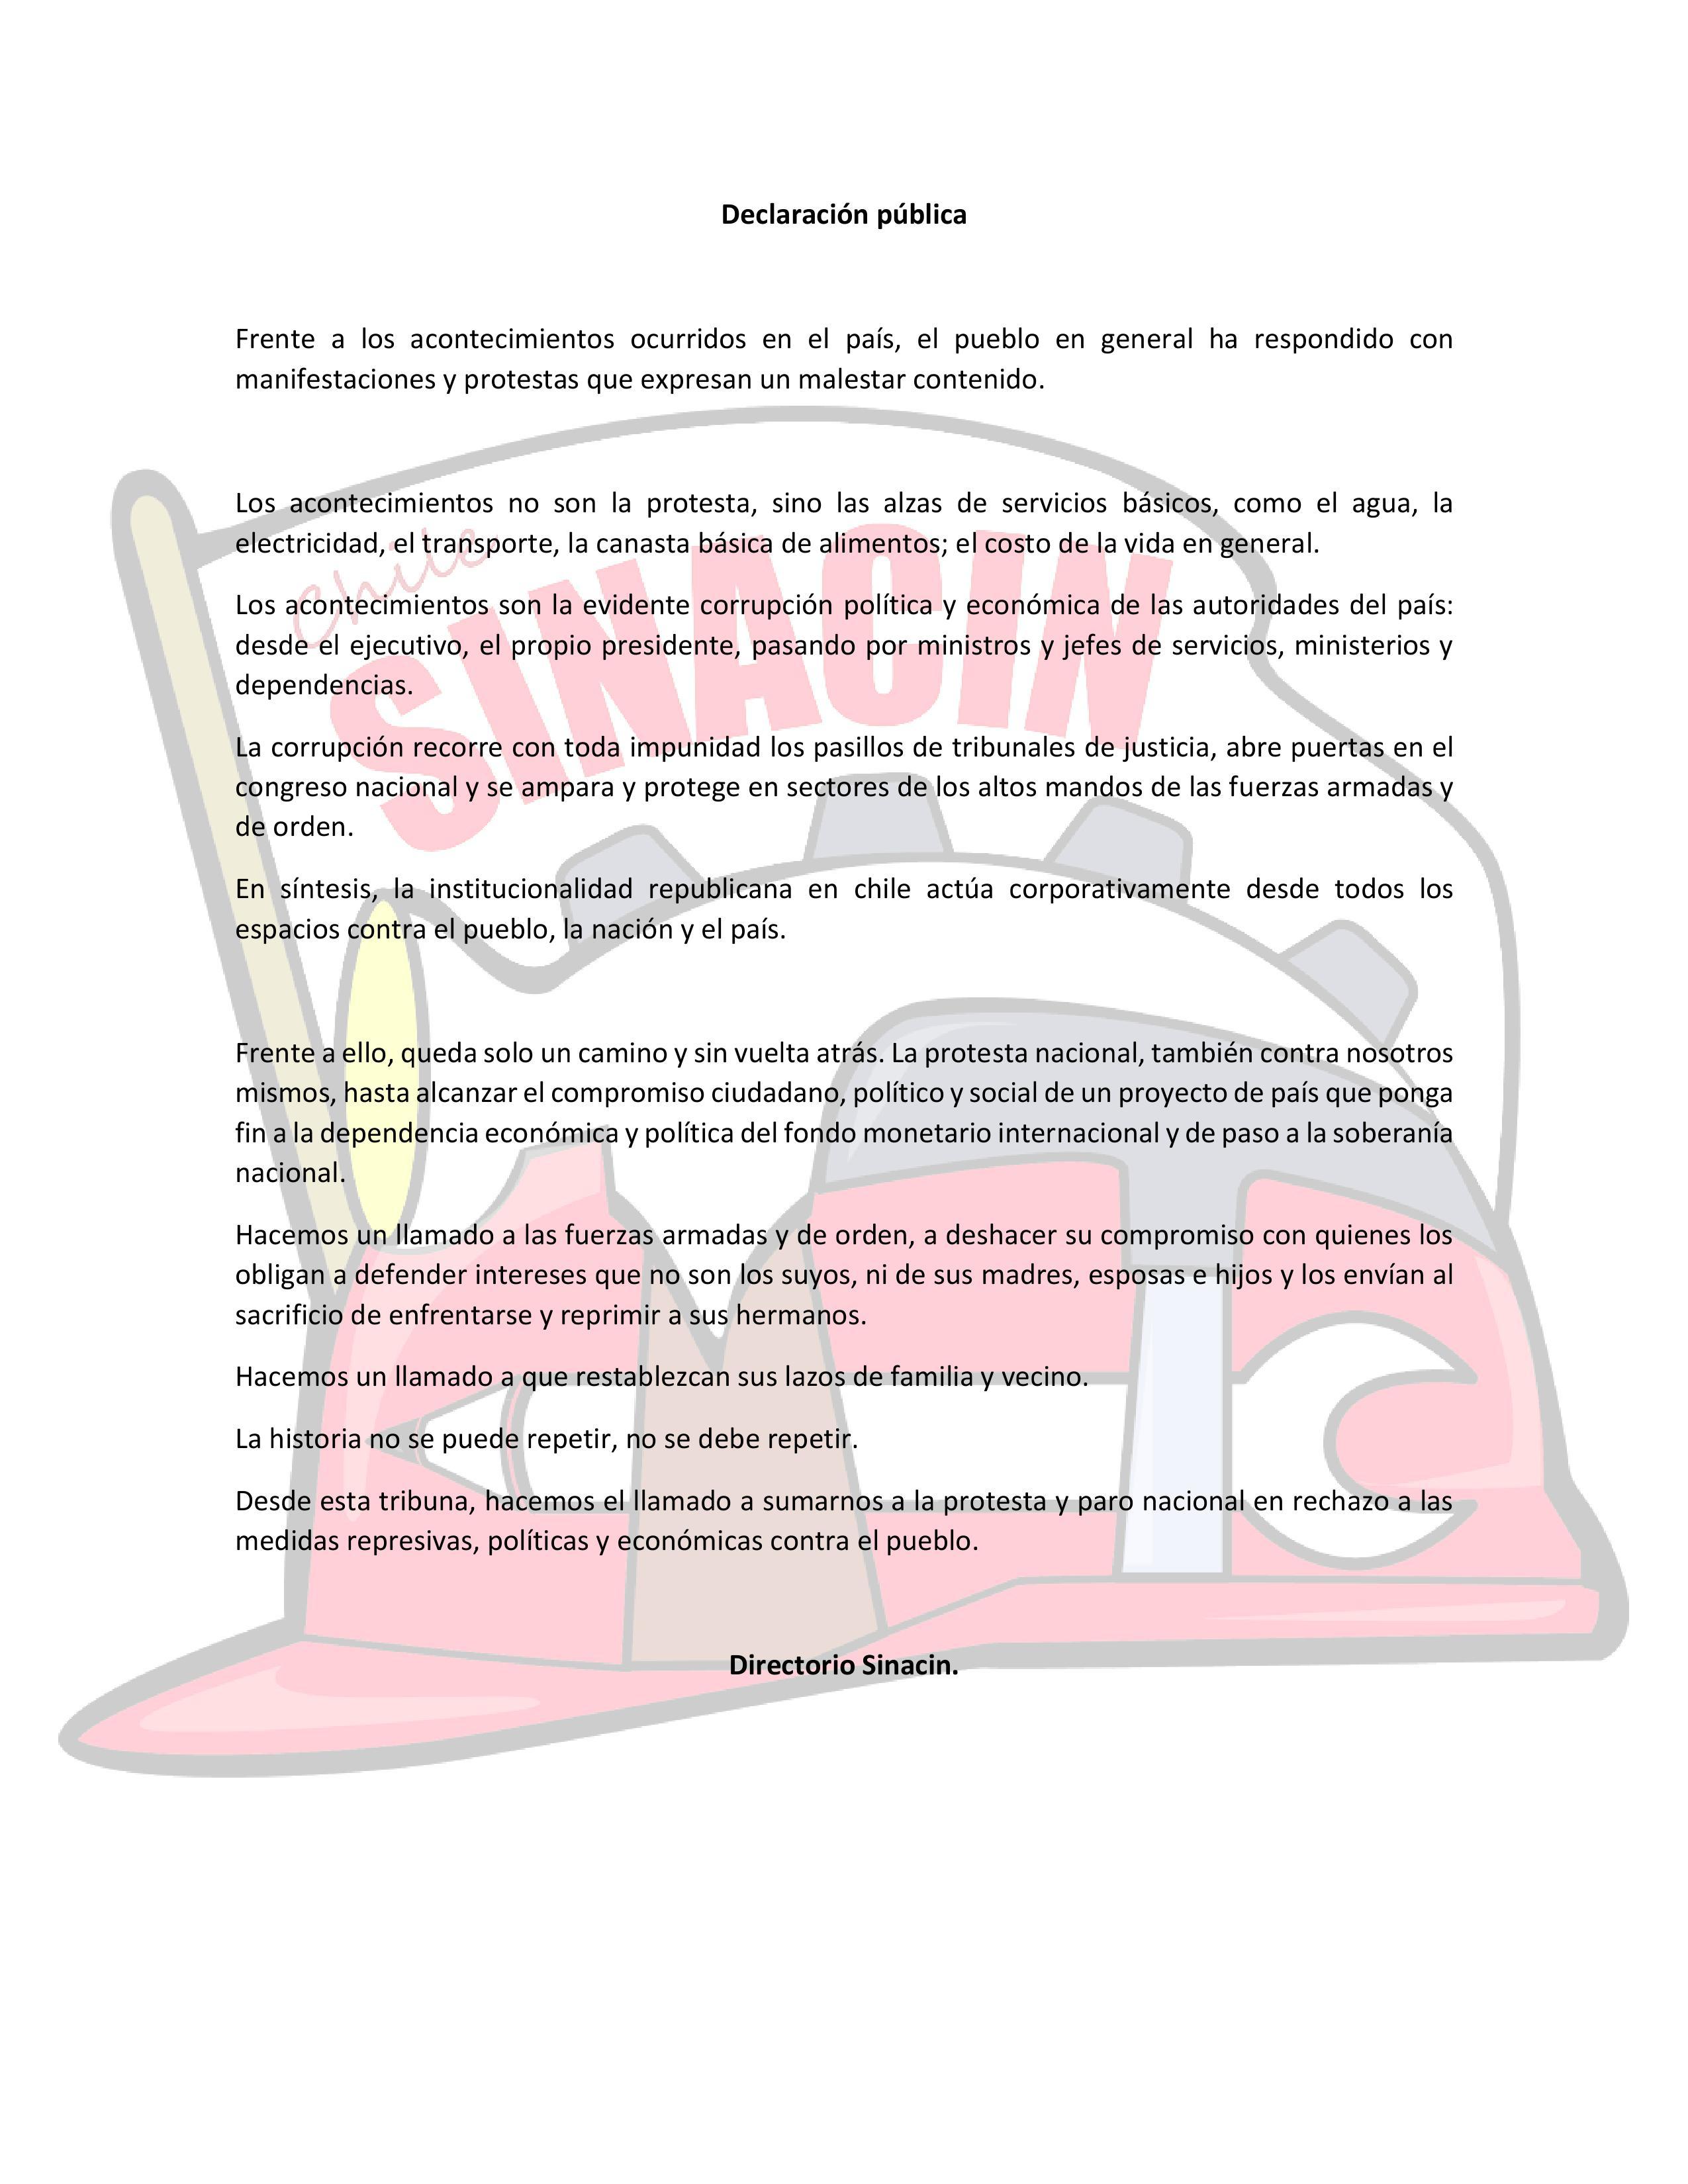 Declaración Pública Sinacin